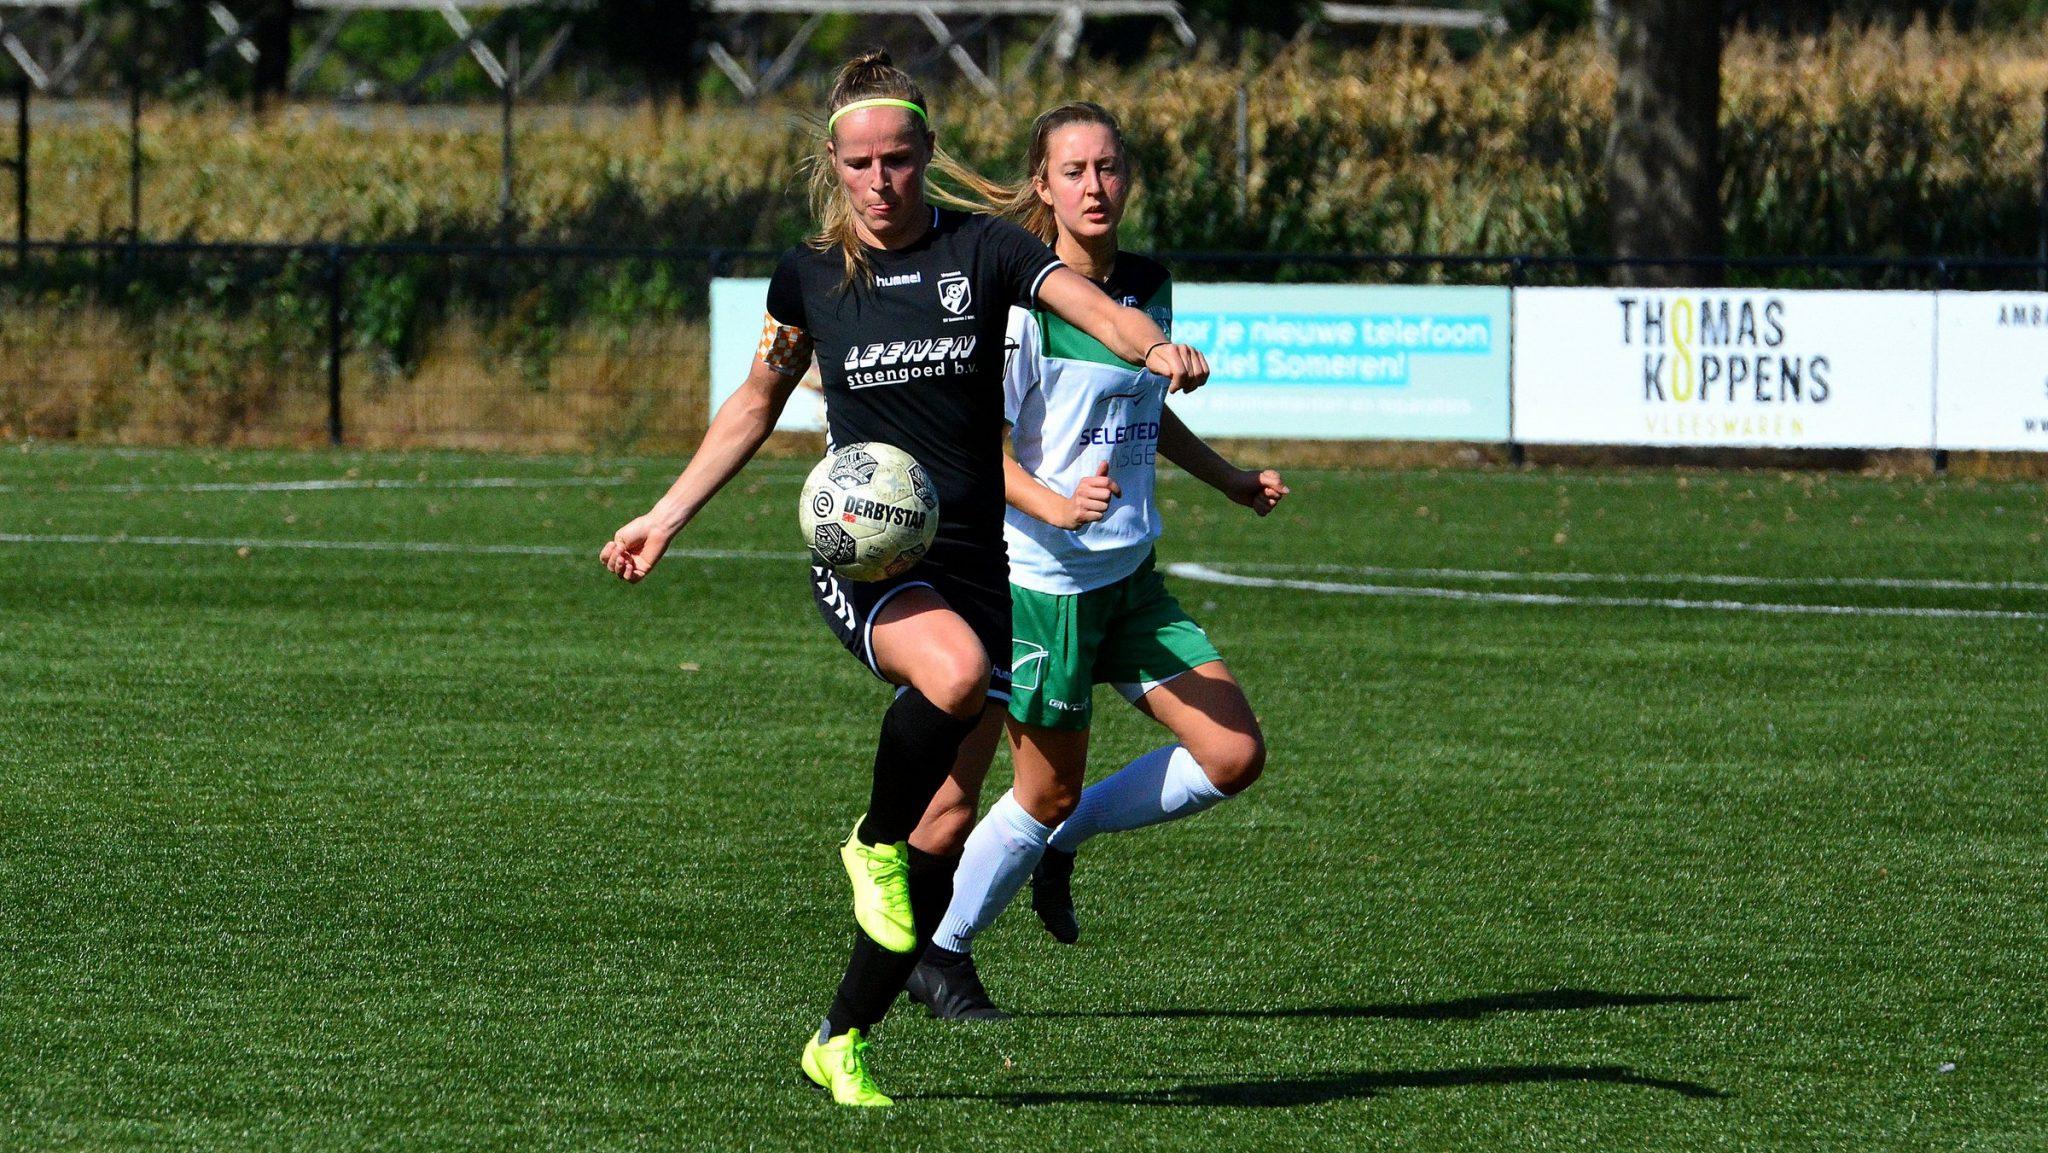 SV Someren/NWC  VR1 plaatsen zich ondanks verlies voor de  knock-out fase KNVB Beker.